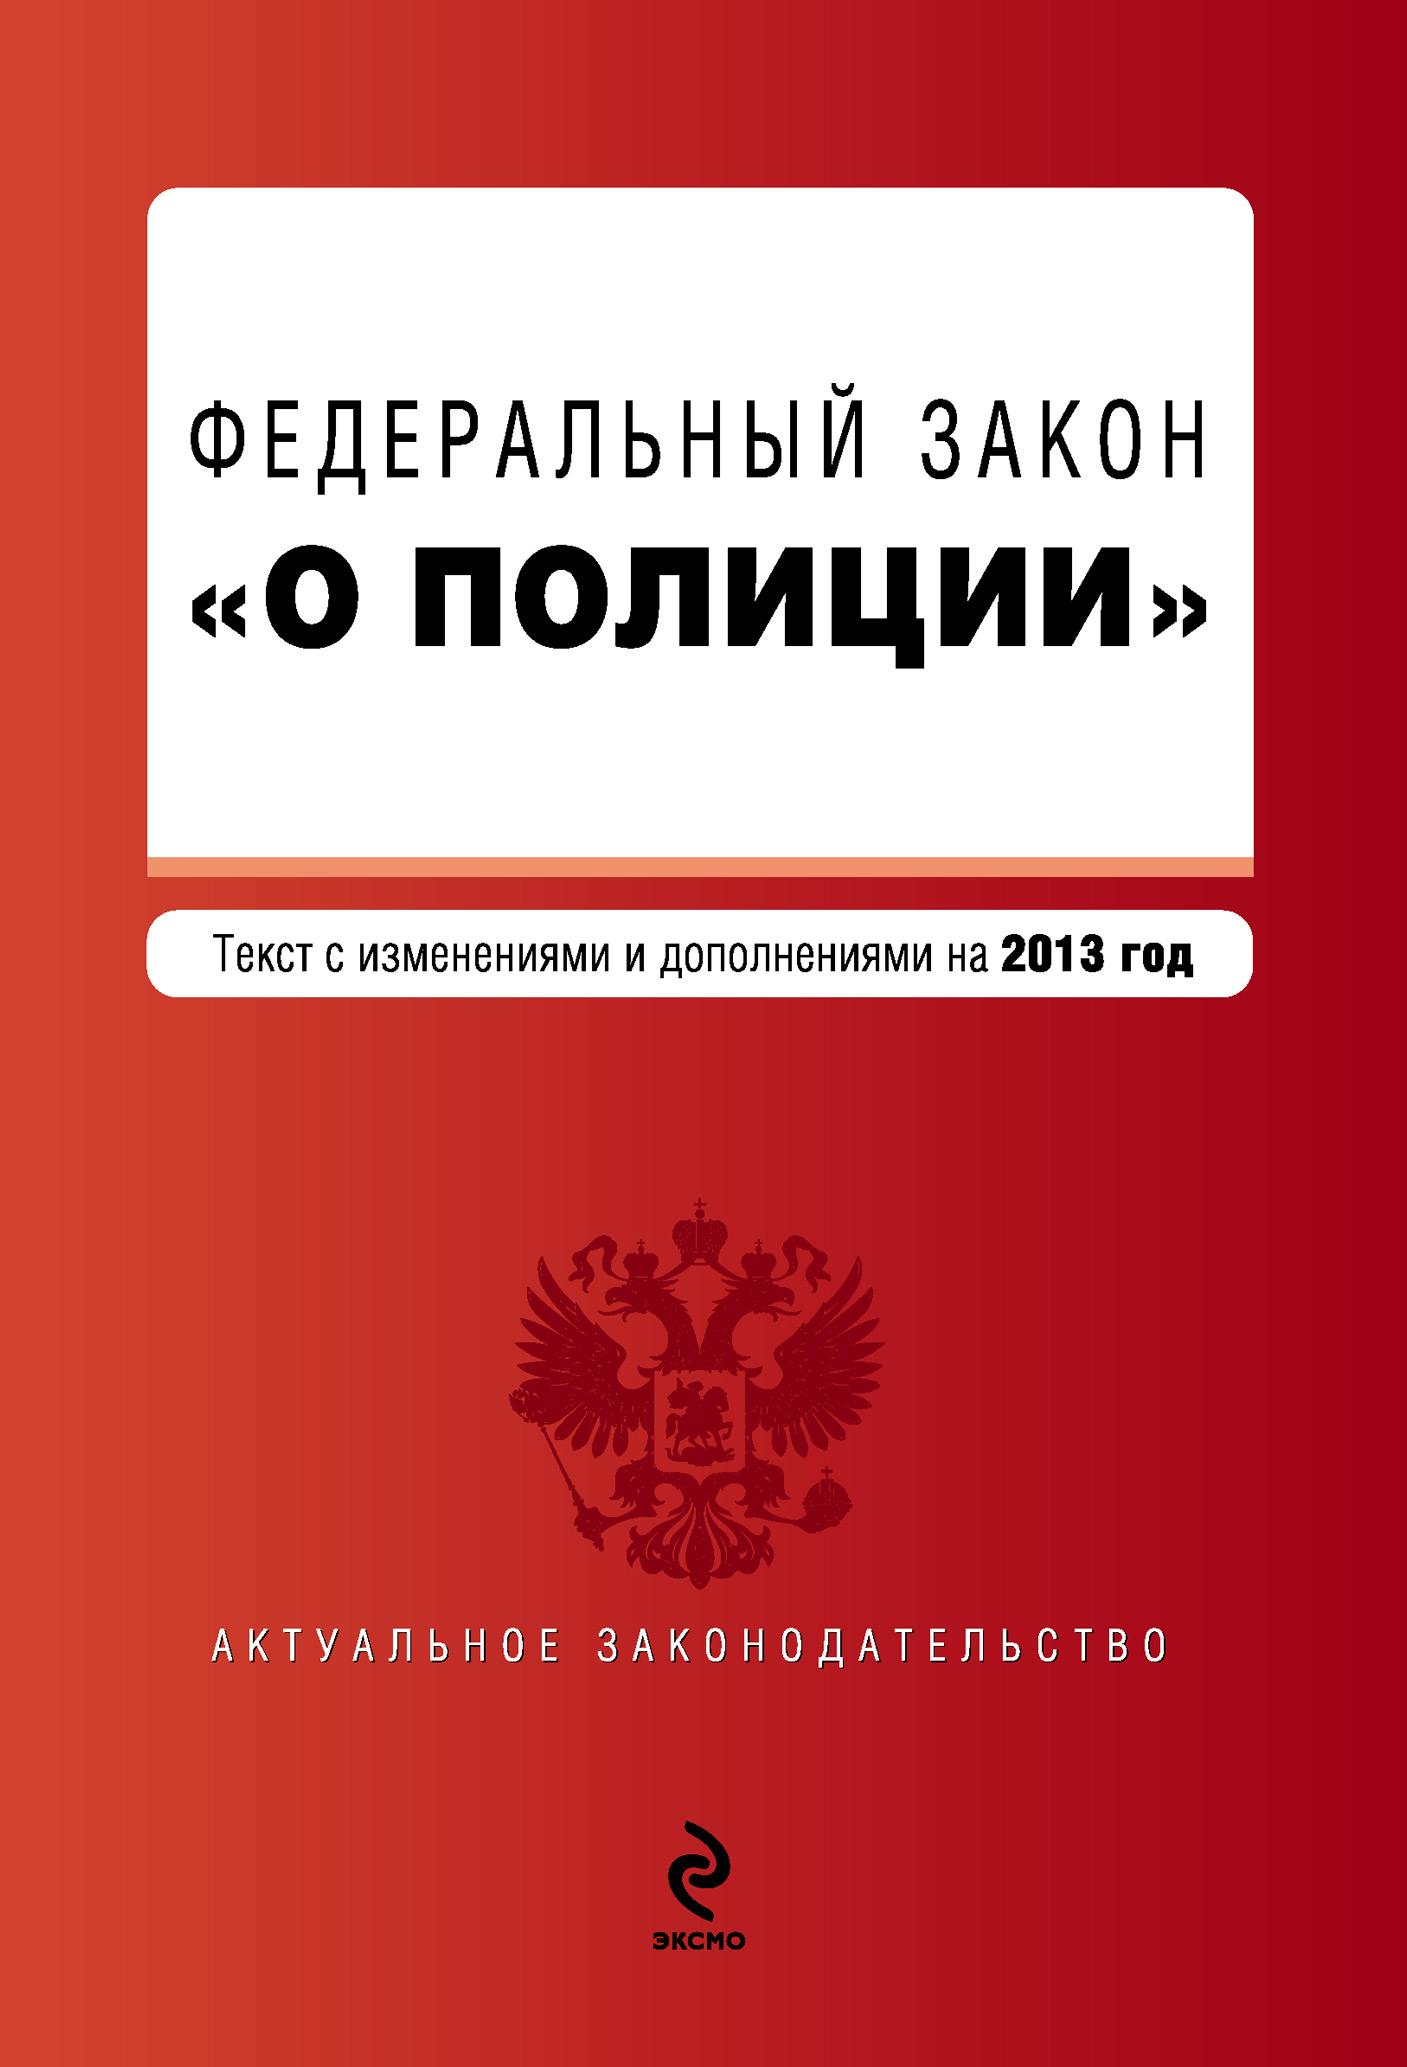 Закон Российской Федерации «О полиции». Текст с изменениями и дополнениями на2013год